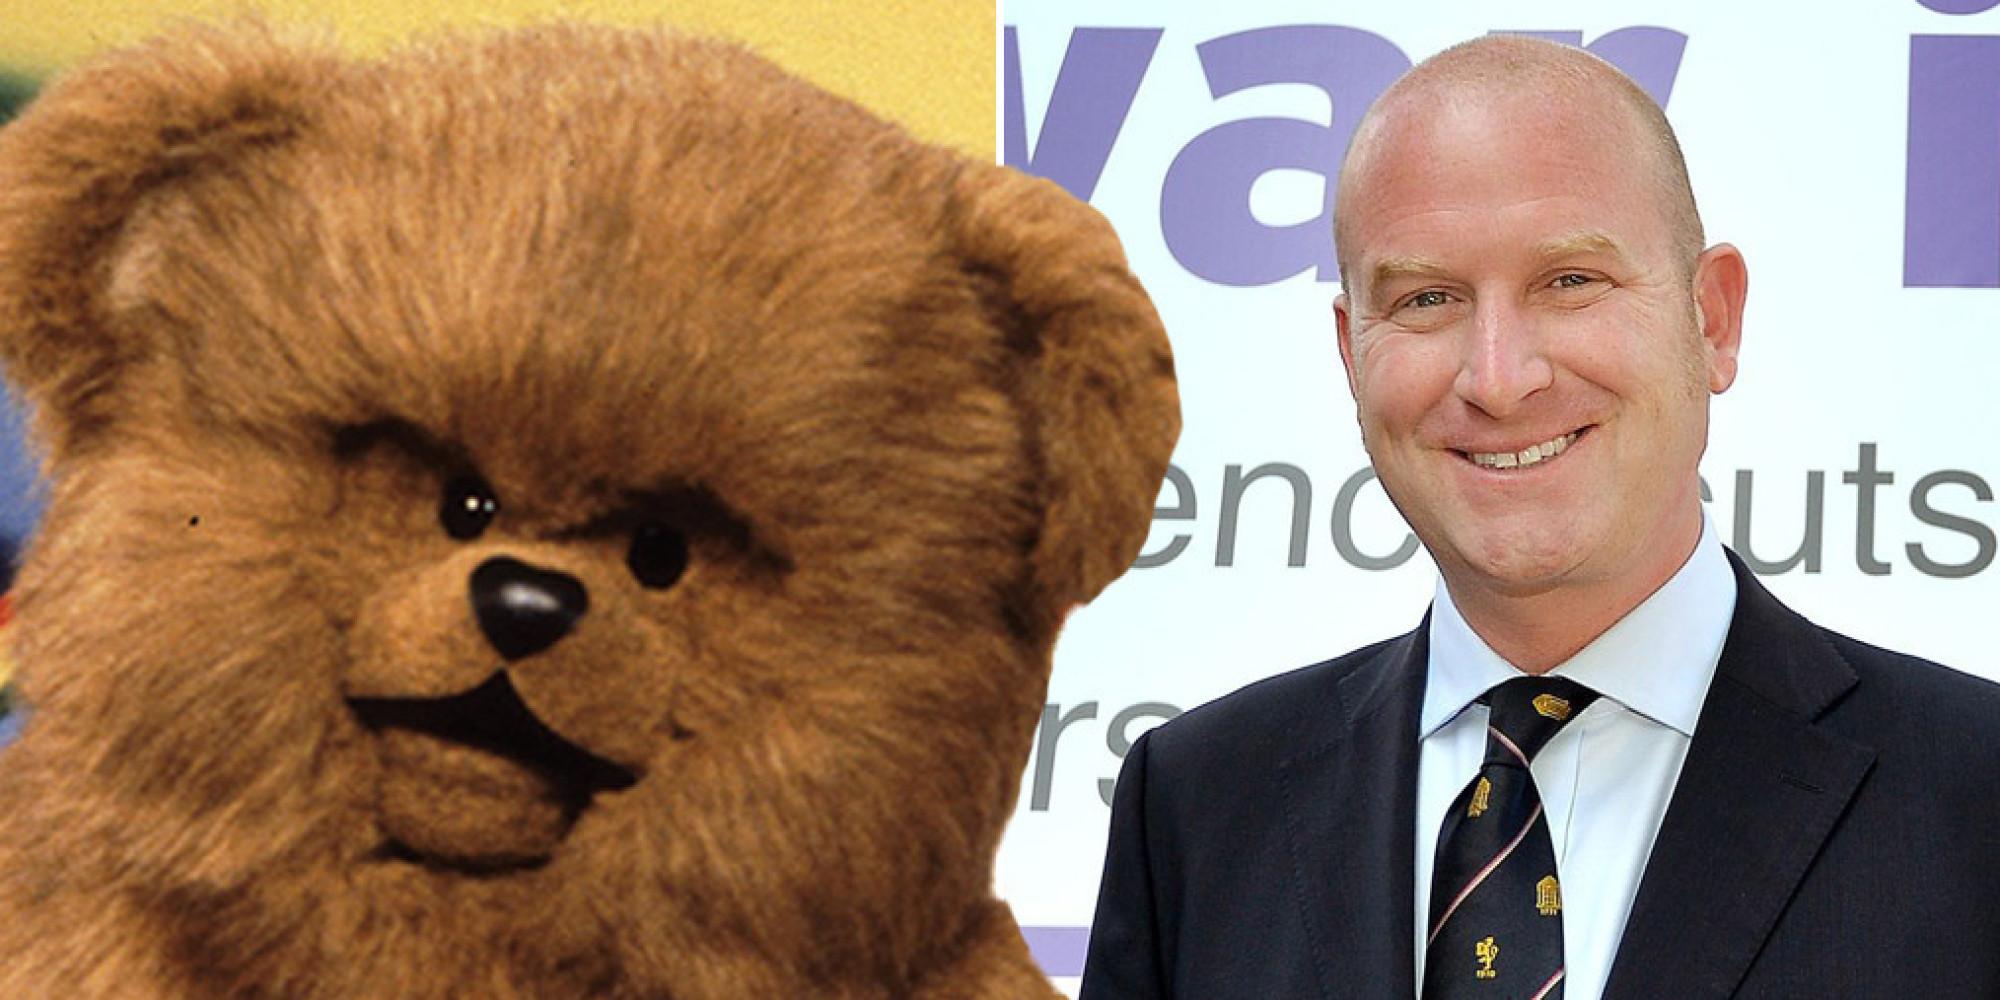 ukip deputy paul nuttall denies he played bungle the bear